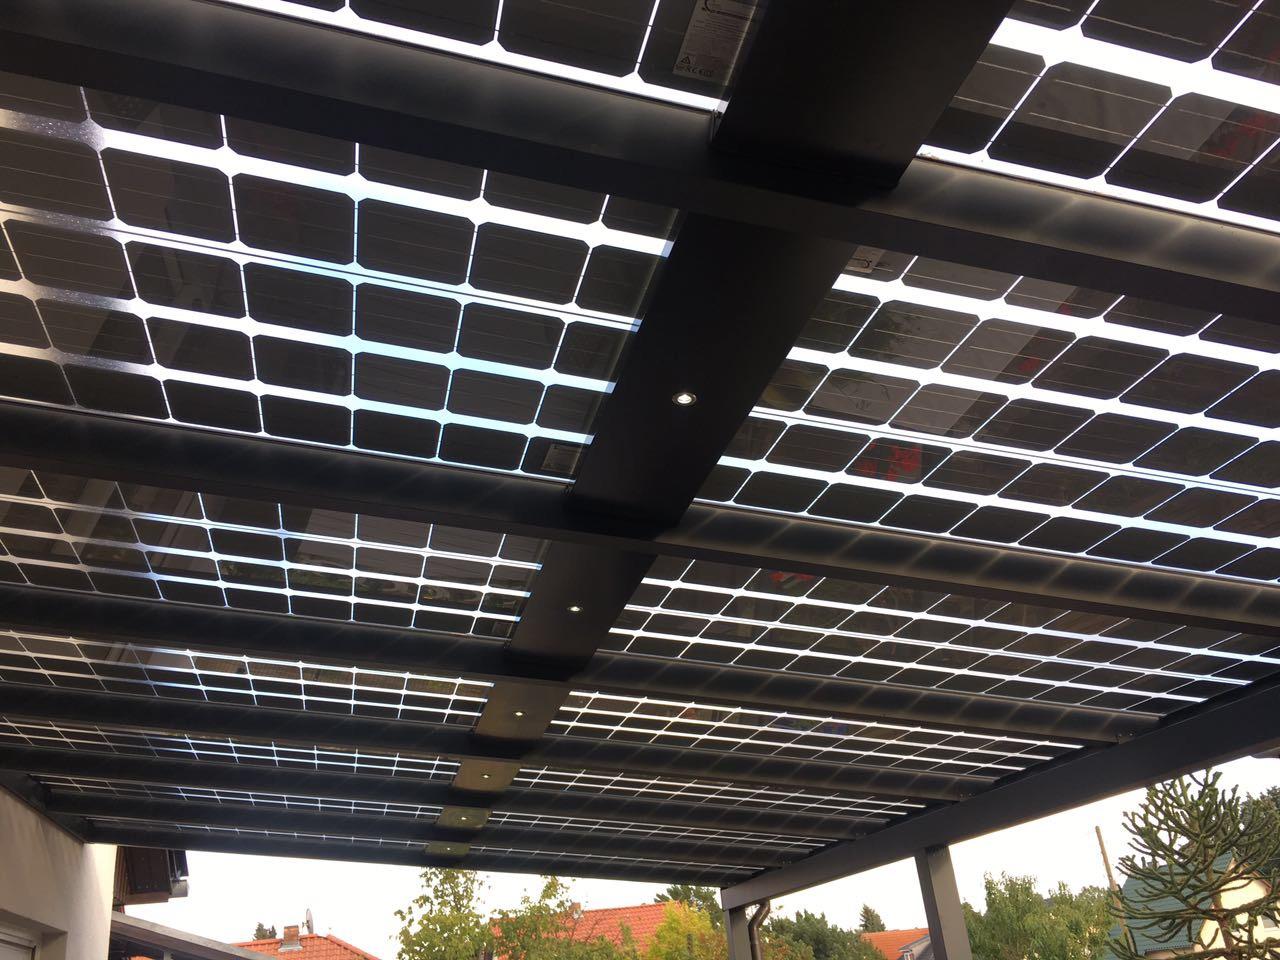 Terrassendach Berlin startseite wedler photovoltaik berlin wedler photovoltaik berlin